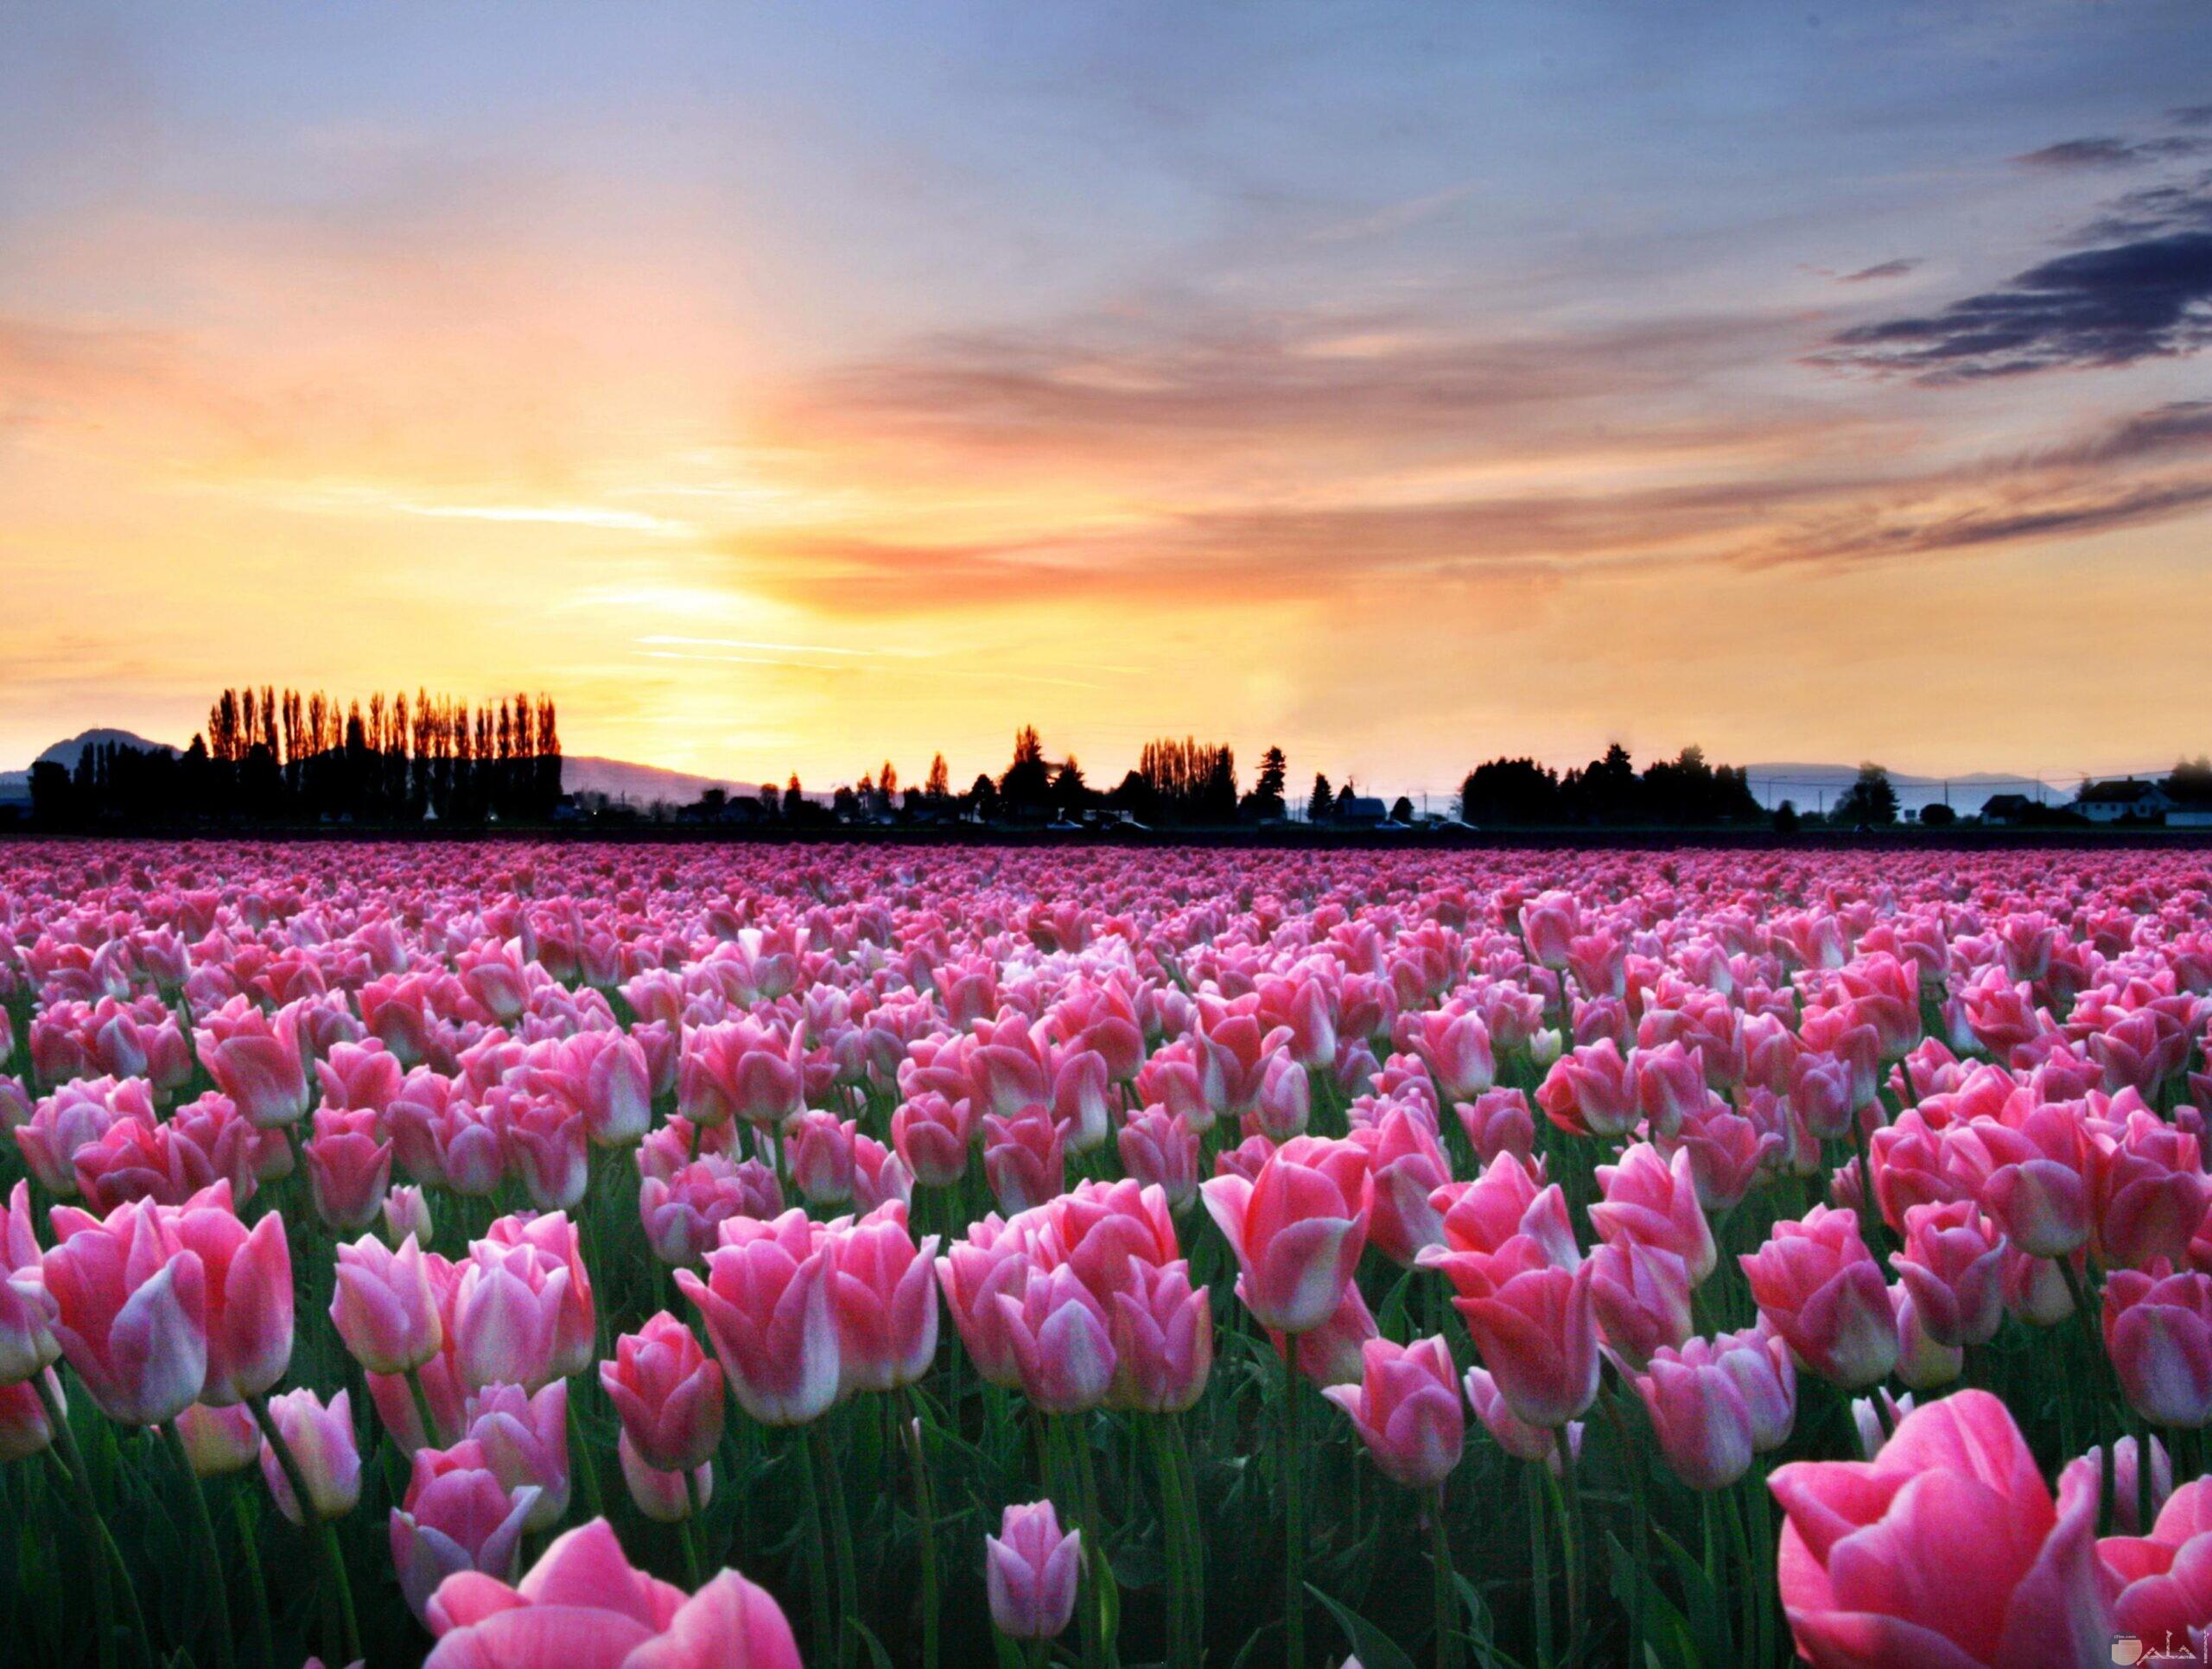 حقول الزهور الخلابة وقت الغروب.